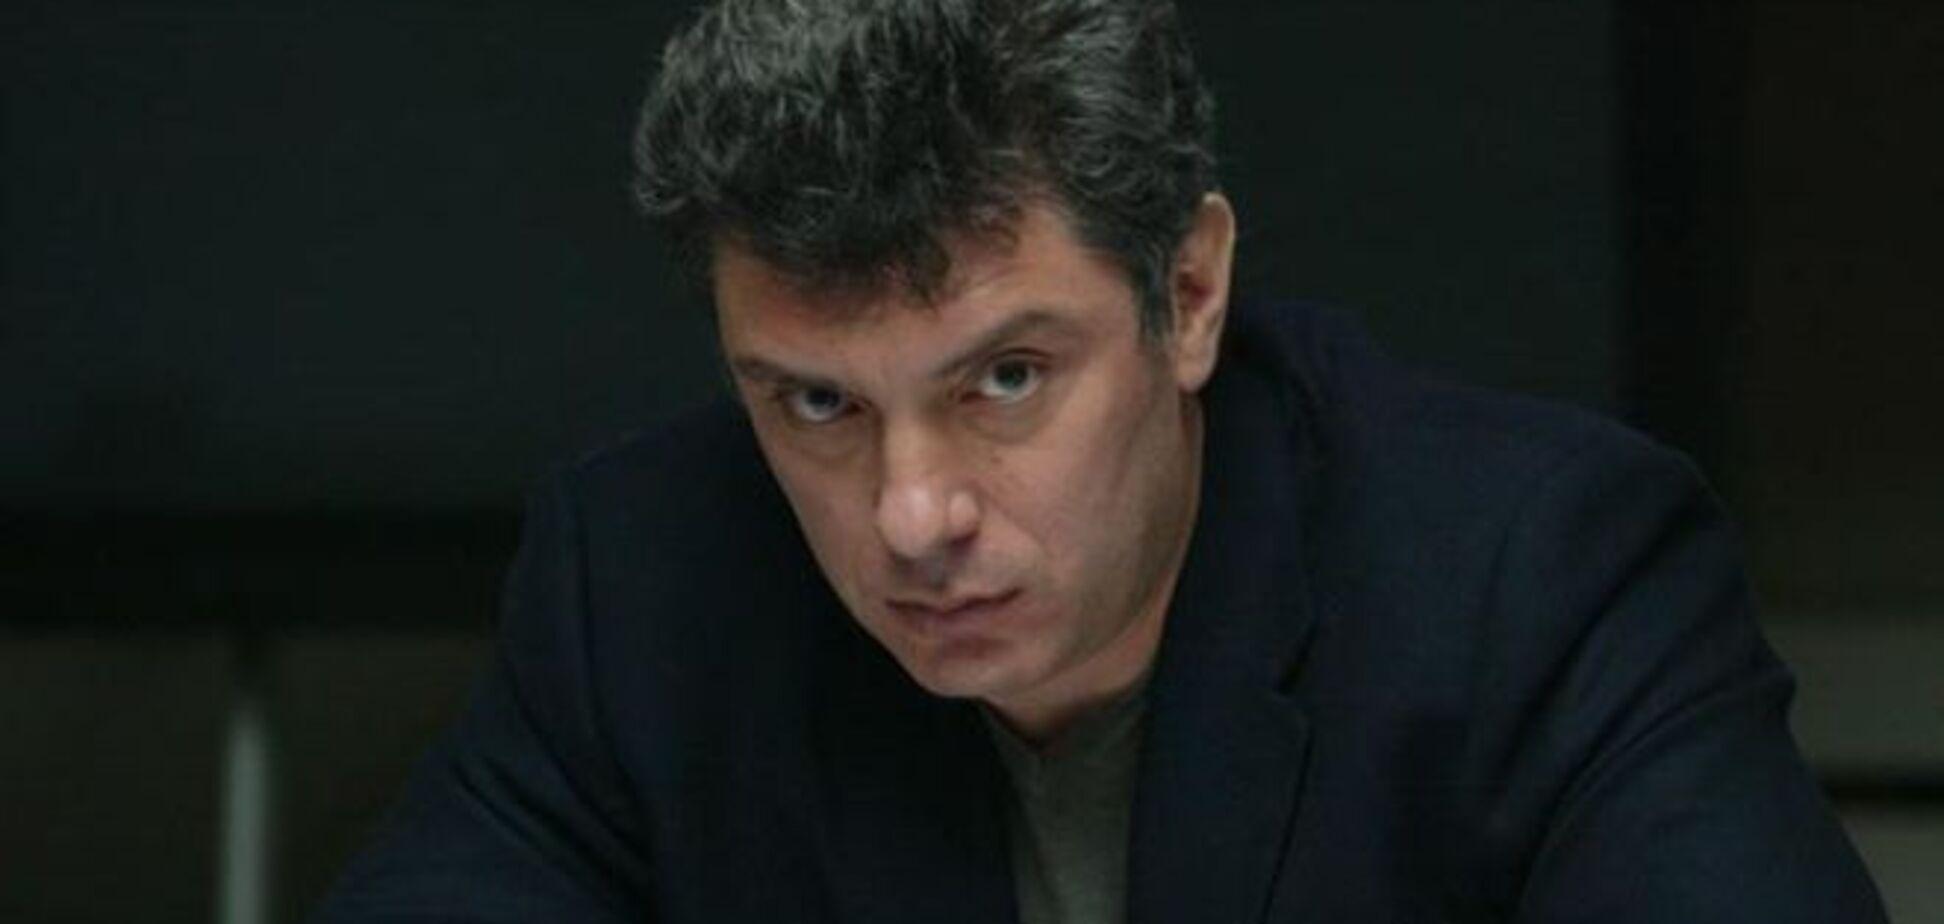 20 сильных цитат бунтаря Бориса Немцова: у меня была насыщенная жизнь